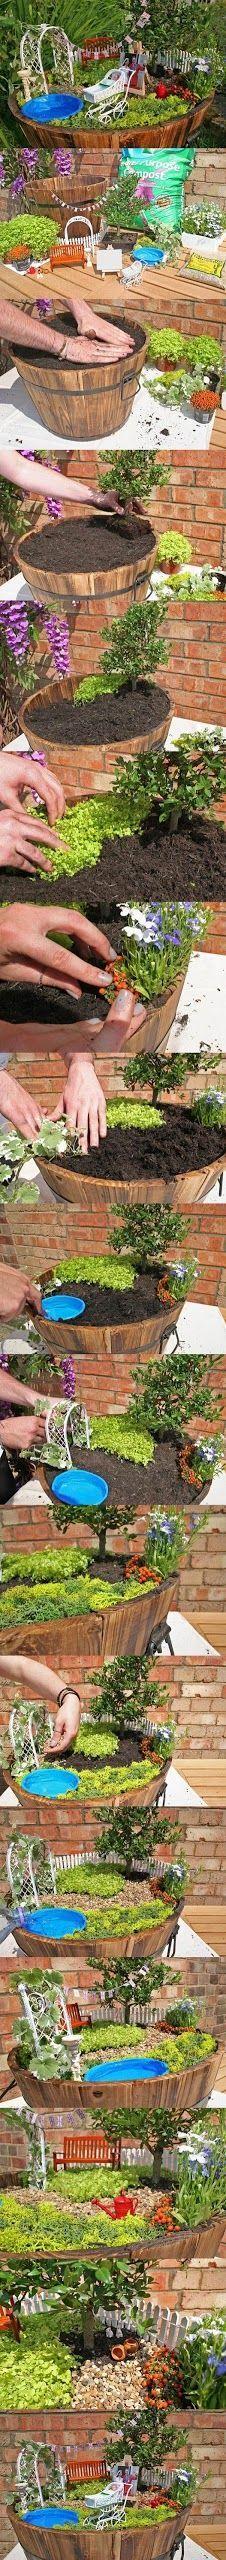 Best 25+ Miniature Fairy Gardens Ideas On Pinterest | Mini Gardens, Diy Fairy  Garden And Diy Fairy House